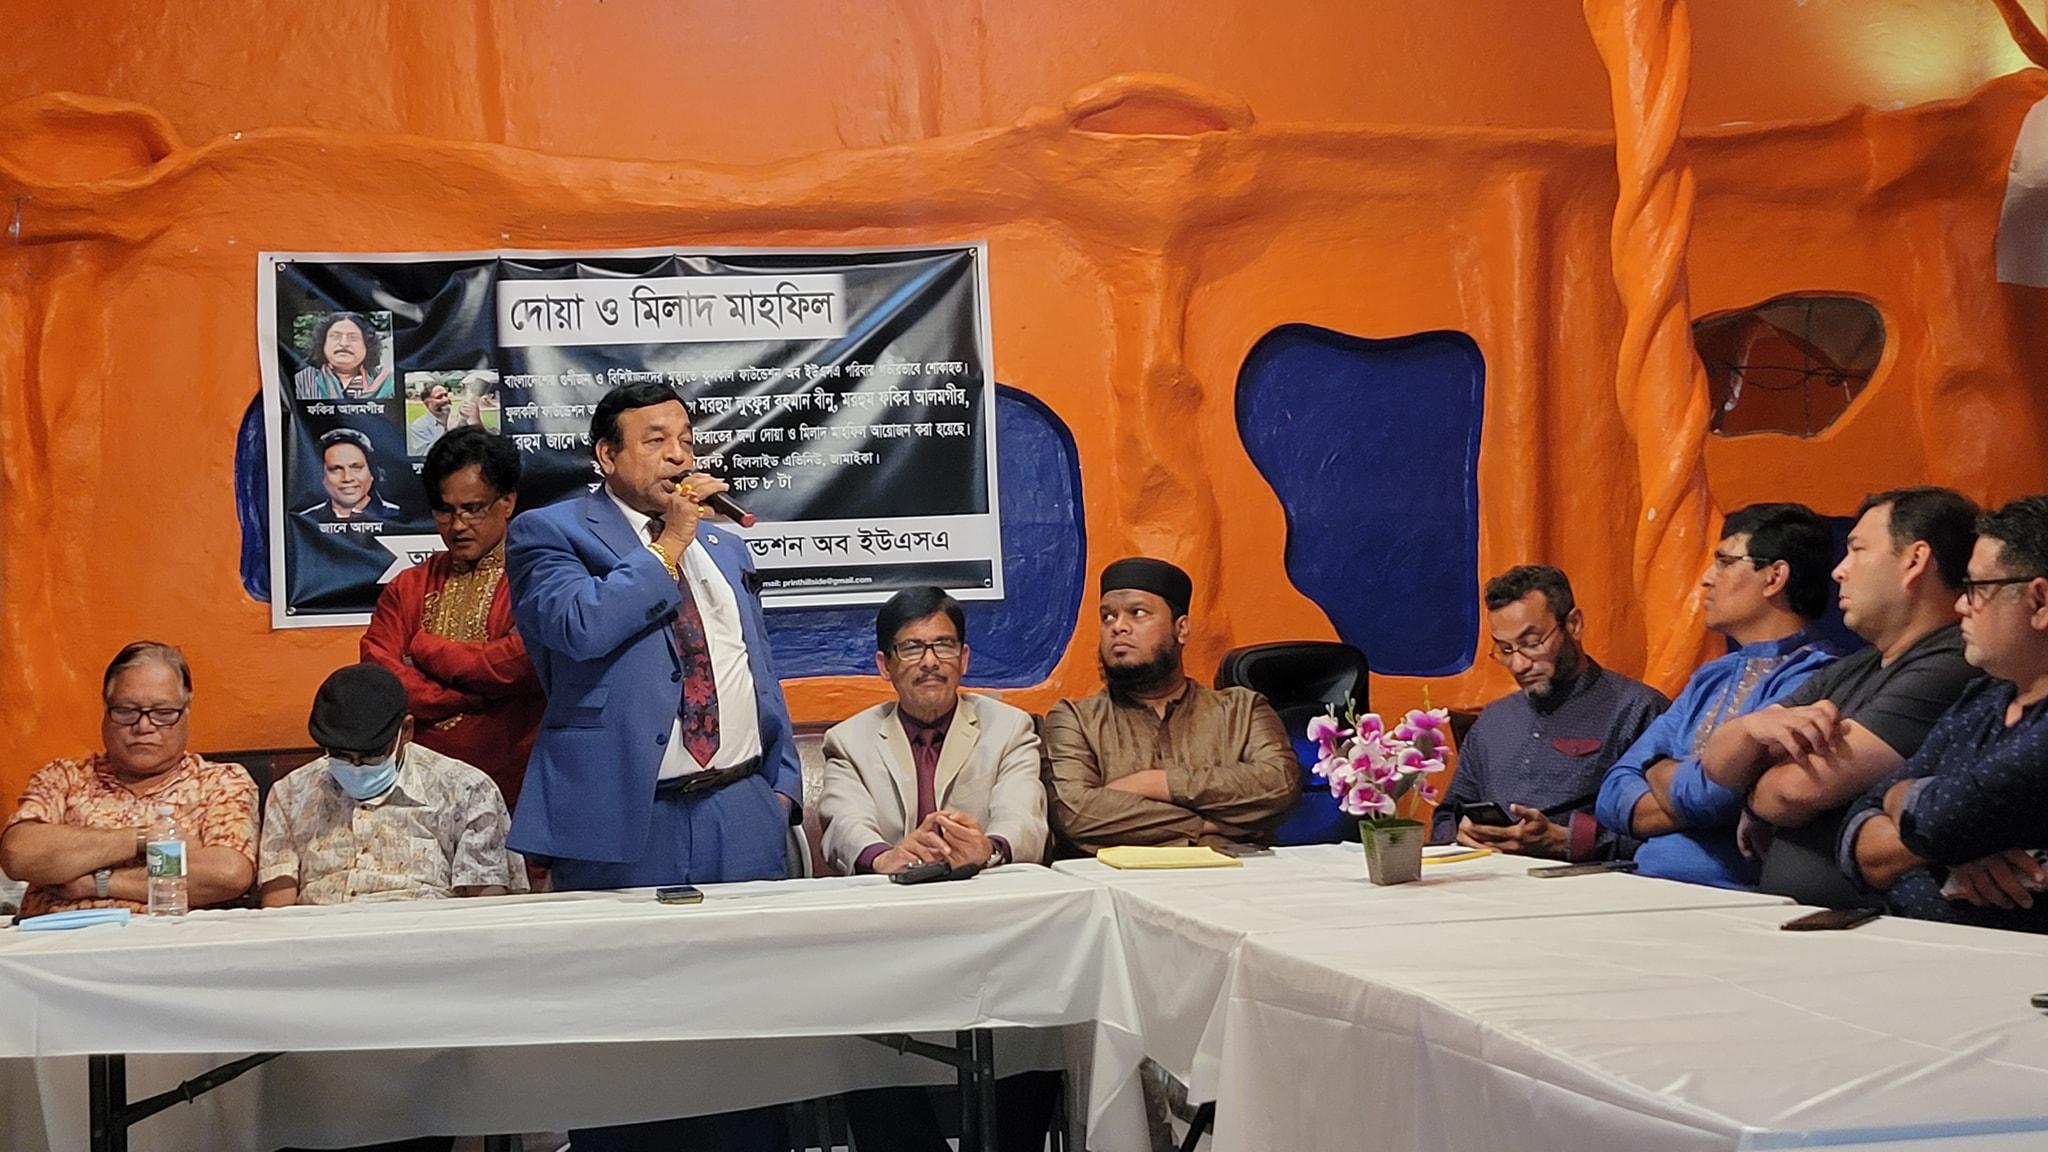 ফুলকলি ফাউন্ডেশন আয়োজনে শ্রদ্ধাভাজনে তিন শিল্পীর মৃত্যুতে দোয়া ও মিলাদ মাহফিল অনুষ্ঠিত